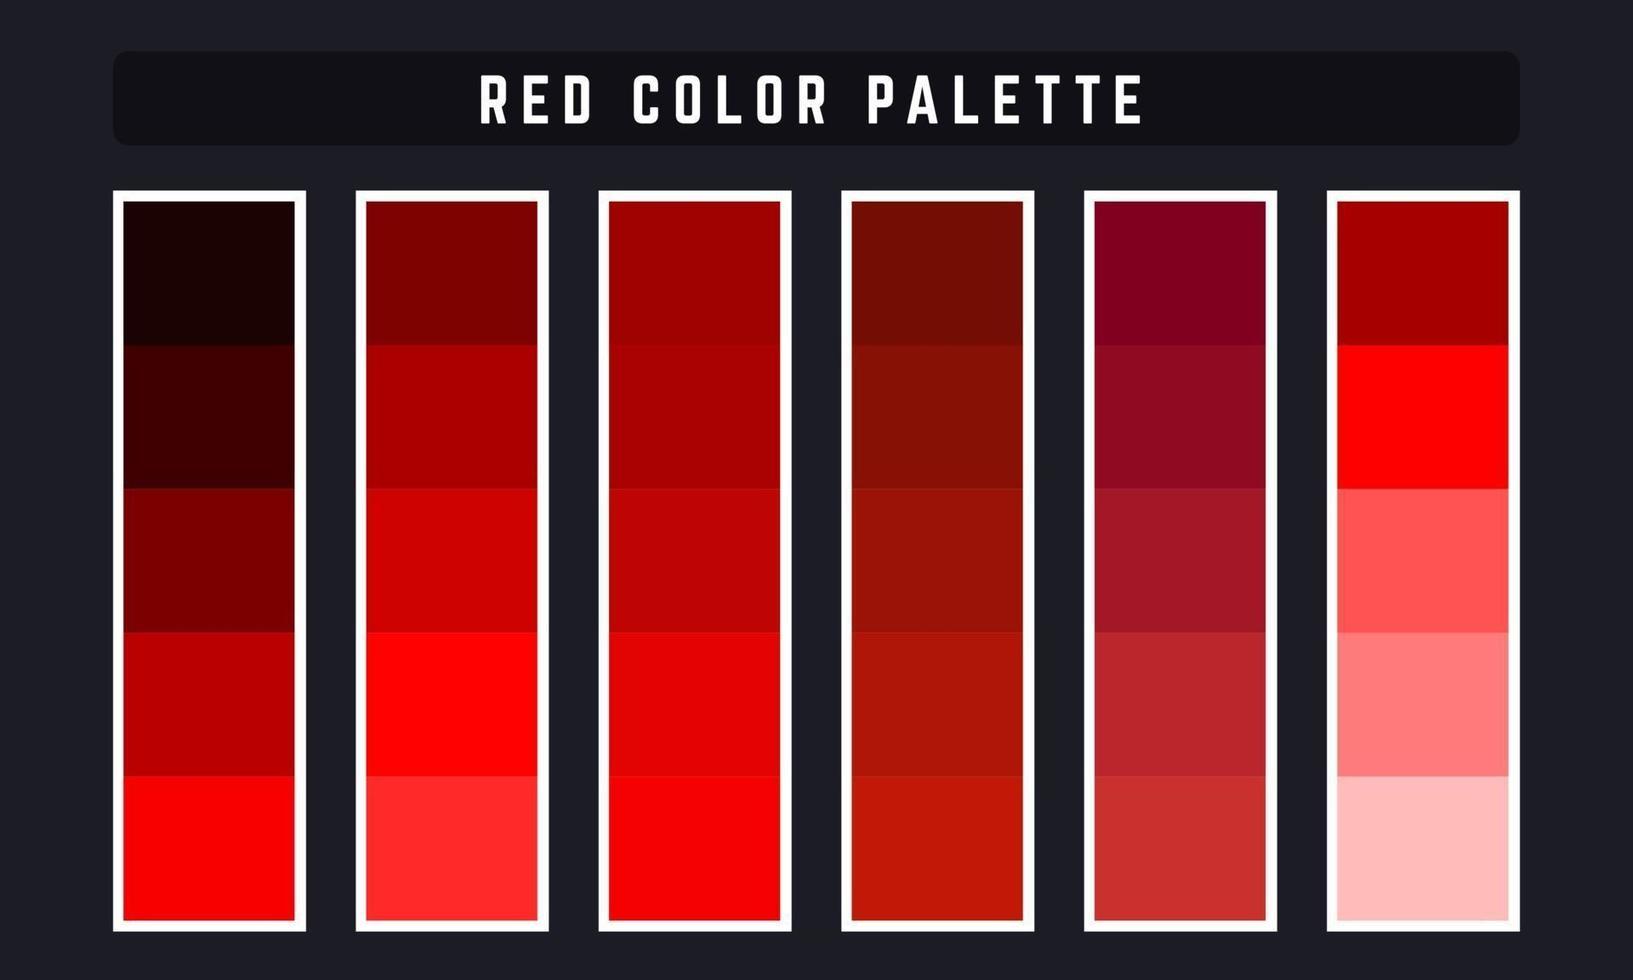 Palette De Couleurs De Vecteur Rouge 2292883 Telecharger Vectoriel Gratuit Clipart Graphique Vecteur Dessins Et Pictogramme Gratuit